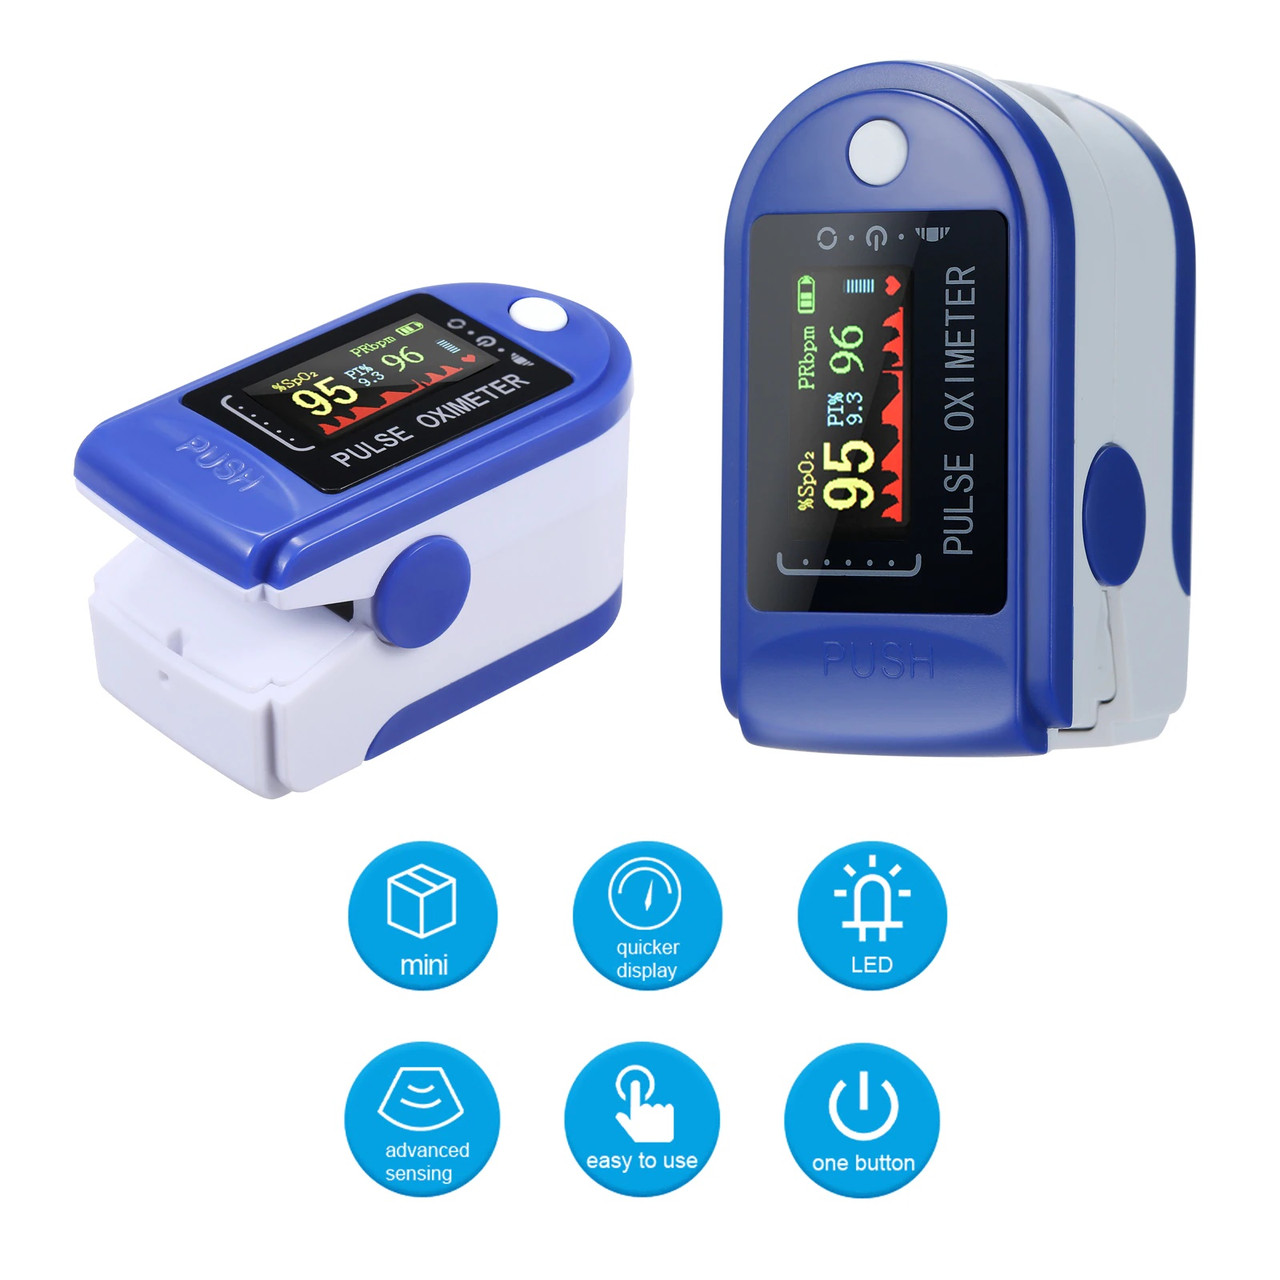 Пульсоксиметр цветной OLED дисплей, пульсовая волна, индекс перфузии (аналог CMS 50D) БЕЗ КОРОБКИ